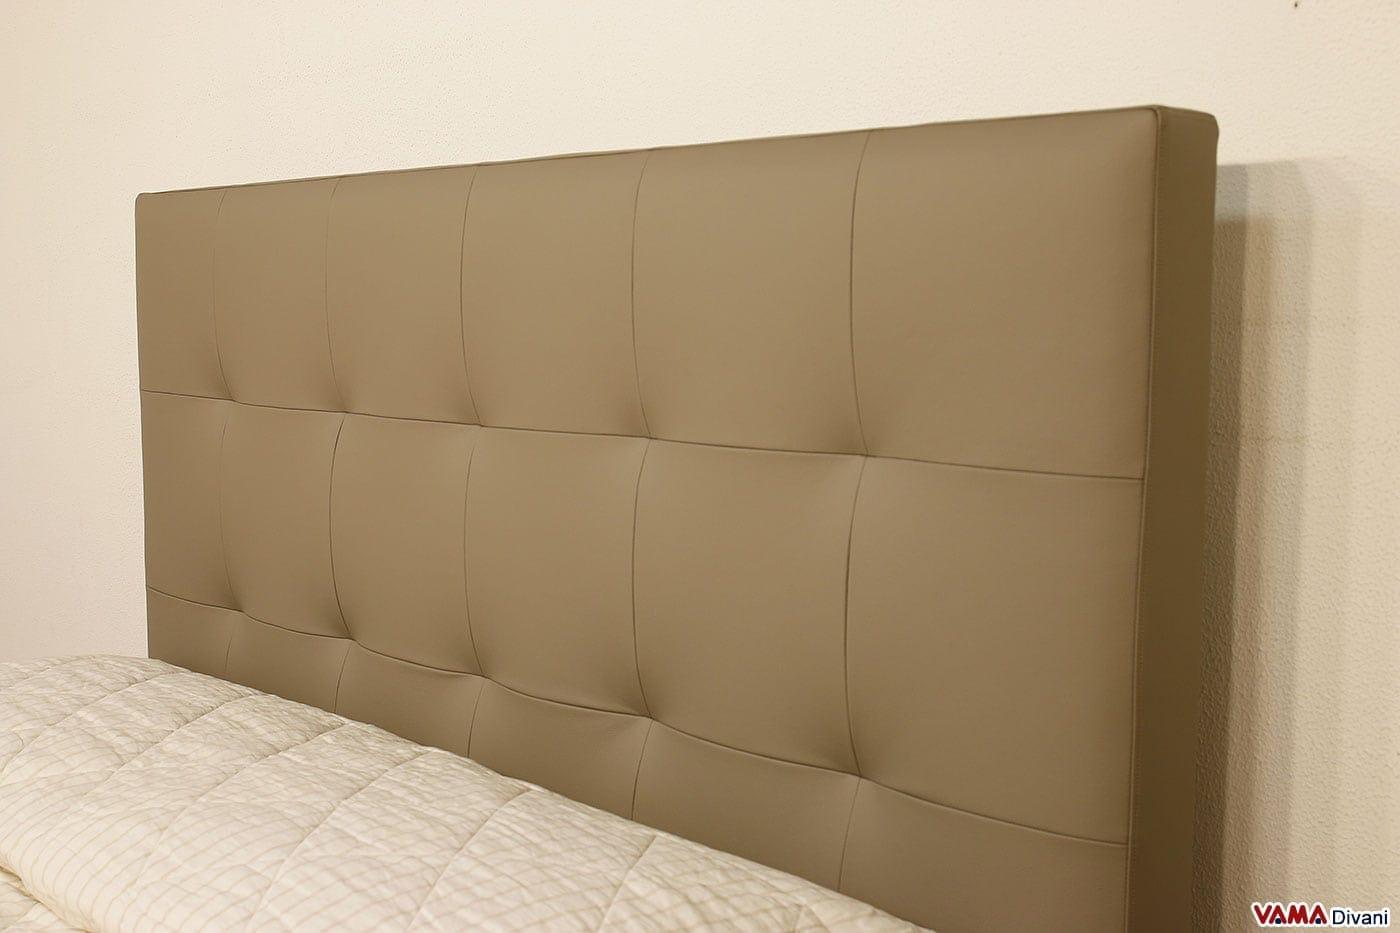 Letto con testata alta eva vama divani - Testata del letto imbottita ...